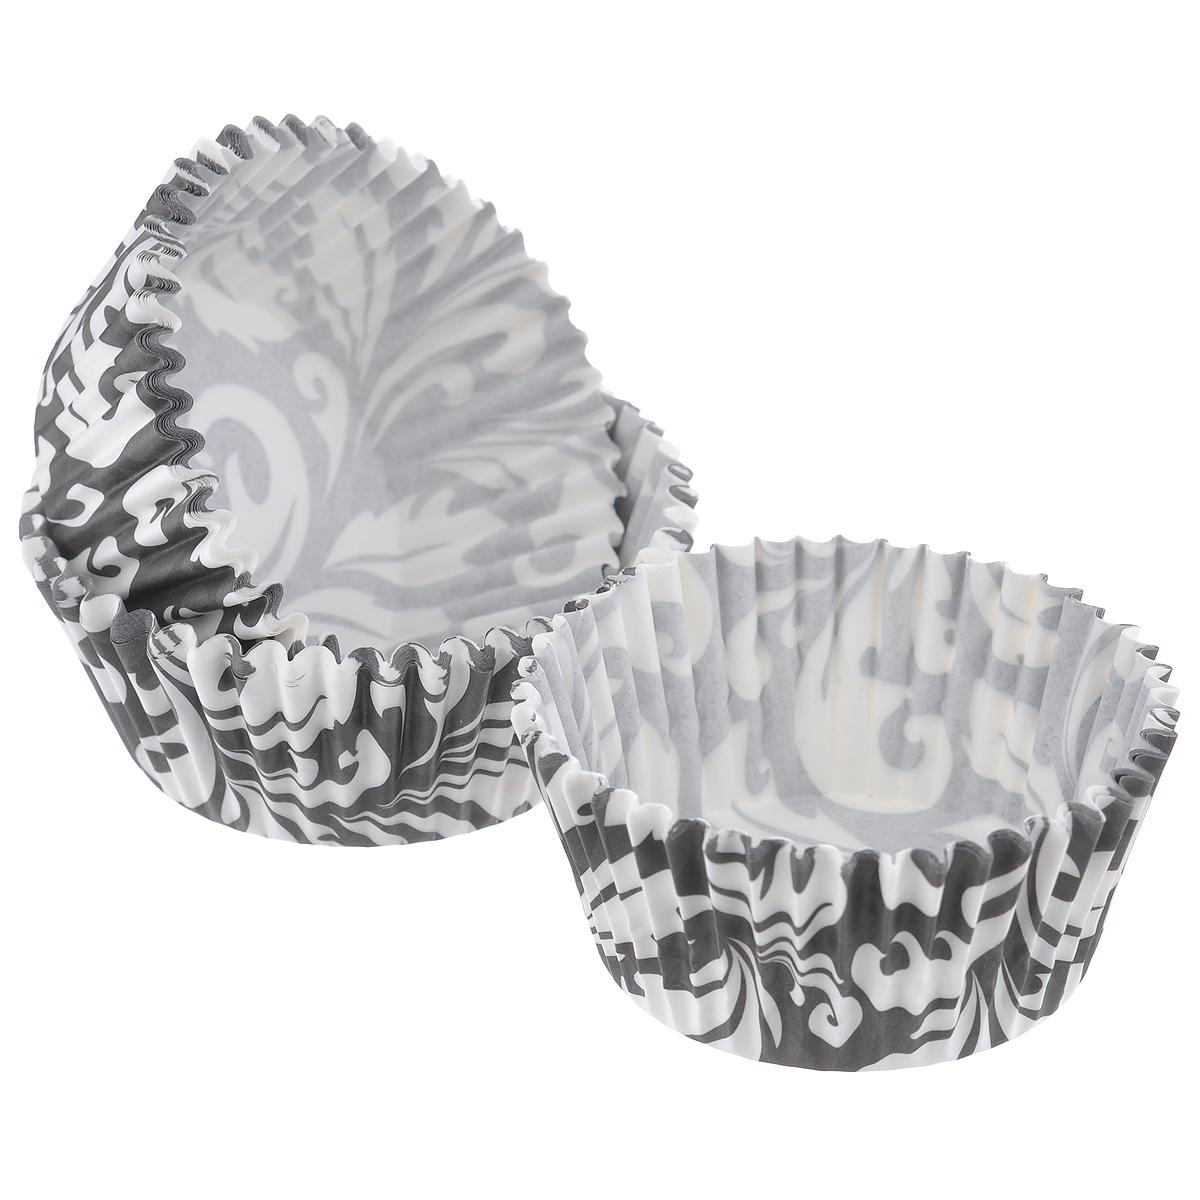 Набор бумажных форм для кексов Dolce Arti Черный узор, цвет: черный, белый, диаметр 7 см, 50 штDA080201Набор Dolce Arti Черный узор состоит из 50 бумажных форм для кексов, оформленных оригинальным узором. Они предназначены для выпечки и упаковки кондитерских изделий, также могут использоваться для сервировки орешков, конфет и многого другого. Для одноразового применения. Гофрированные бумажные формы идеальны для выпечки кексов, булочек и пирожных.Высота стенки: 3 см. Диаметр (по верхнему краю): 7 см.Диаметр дна: 5 см.